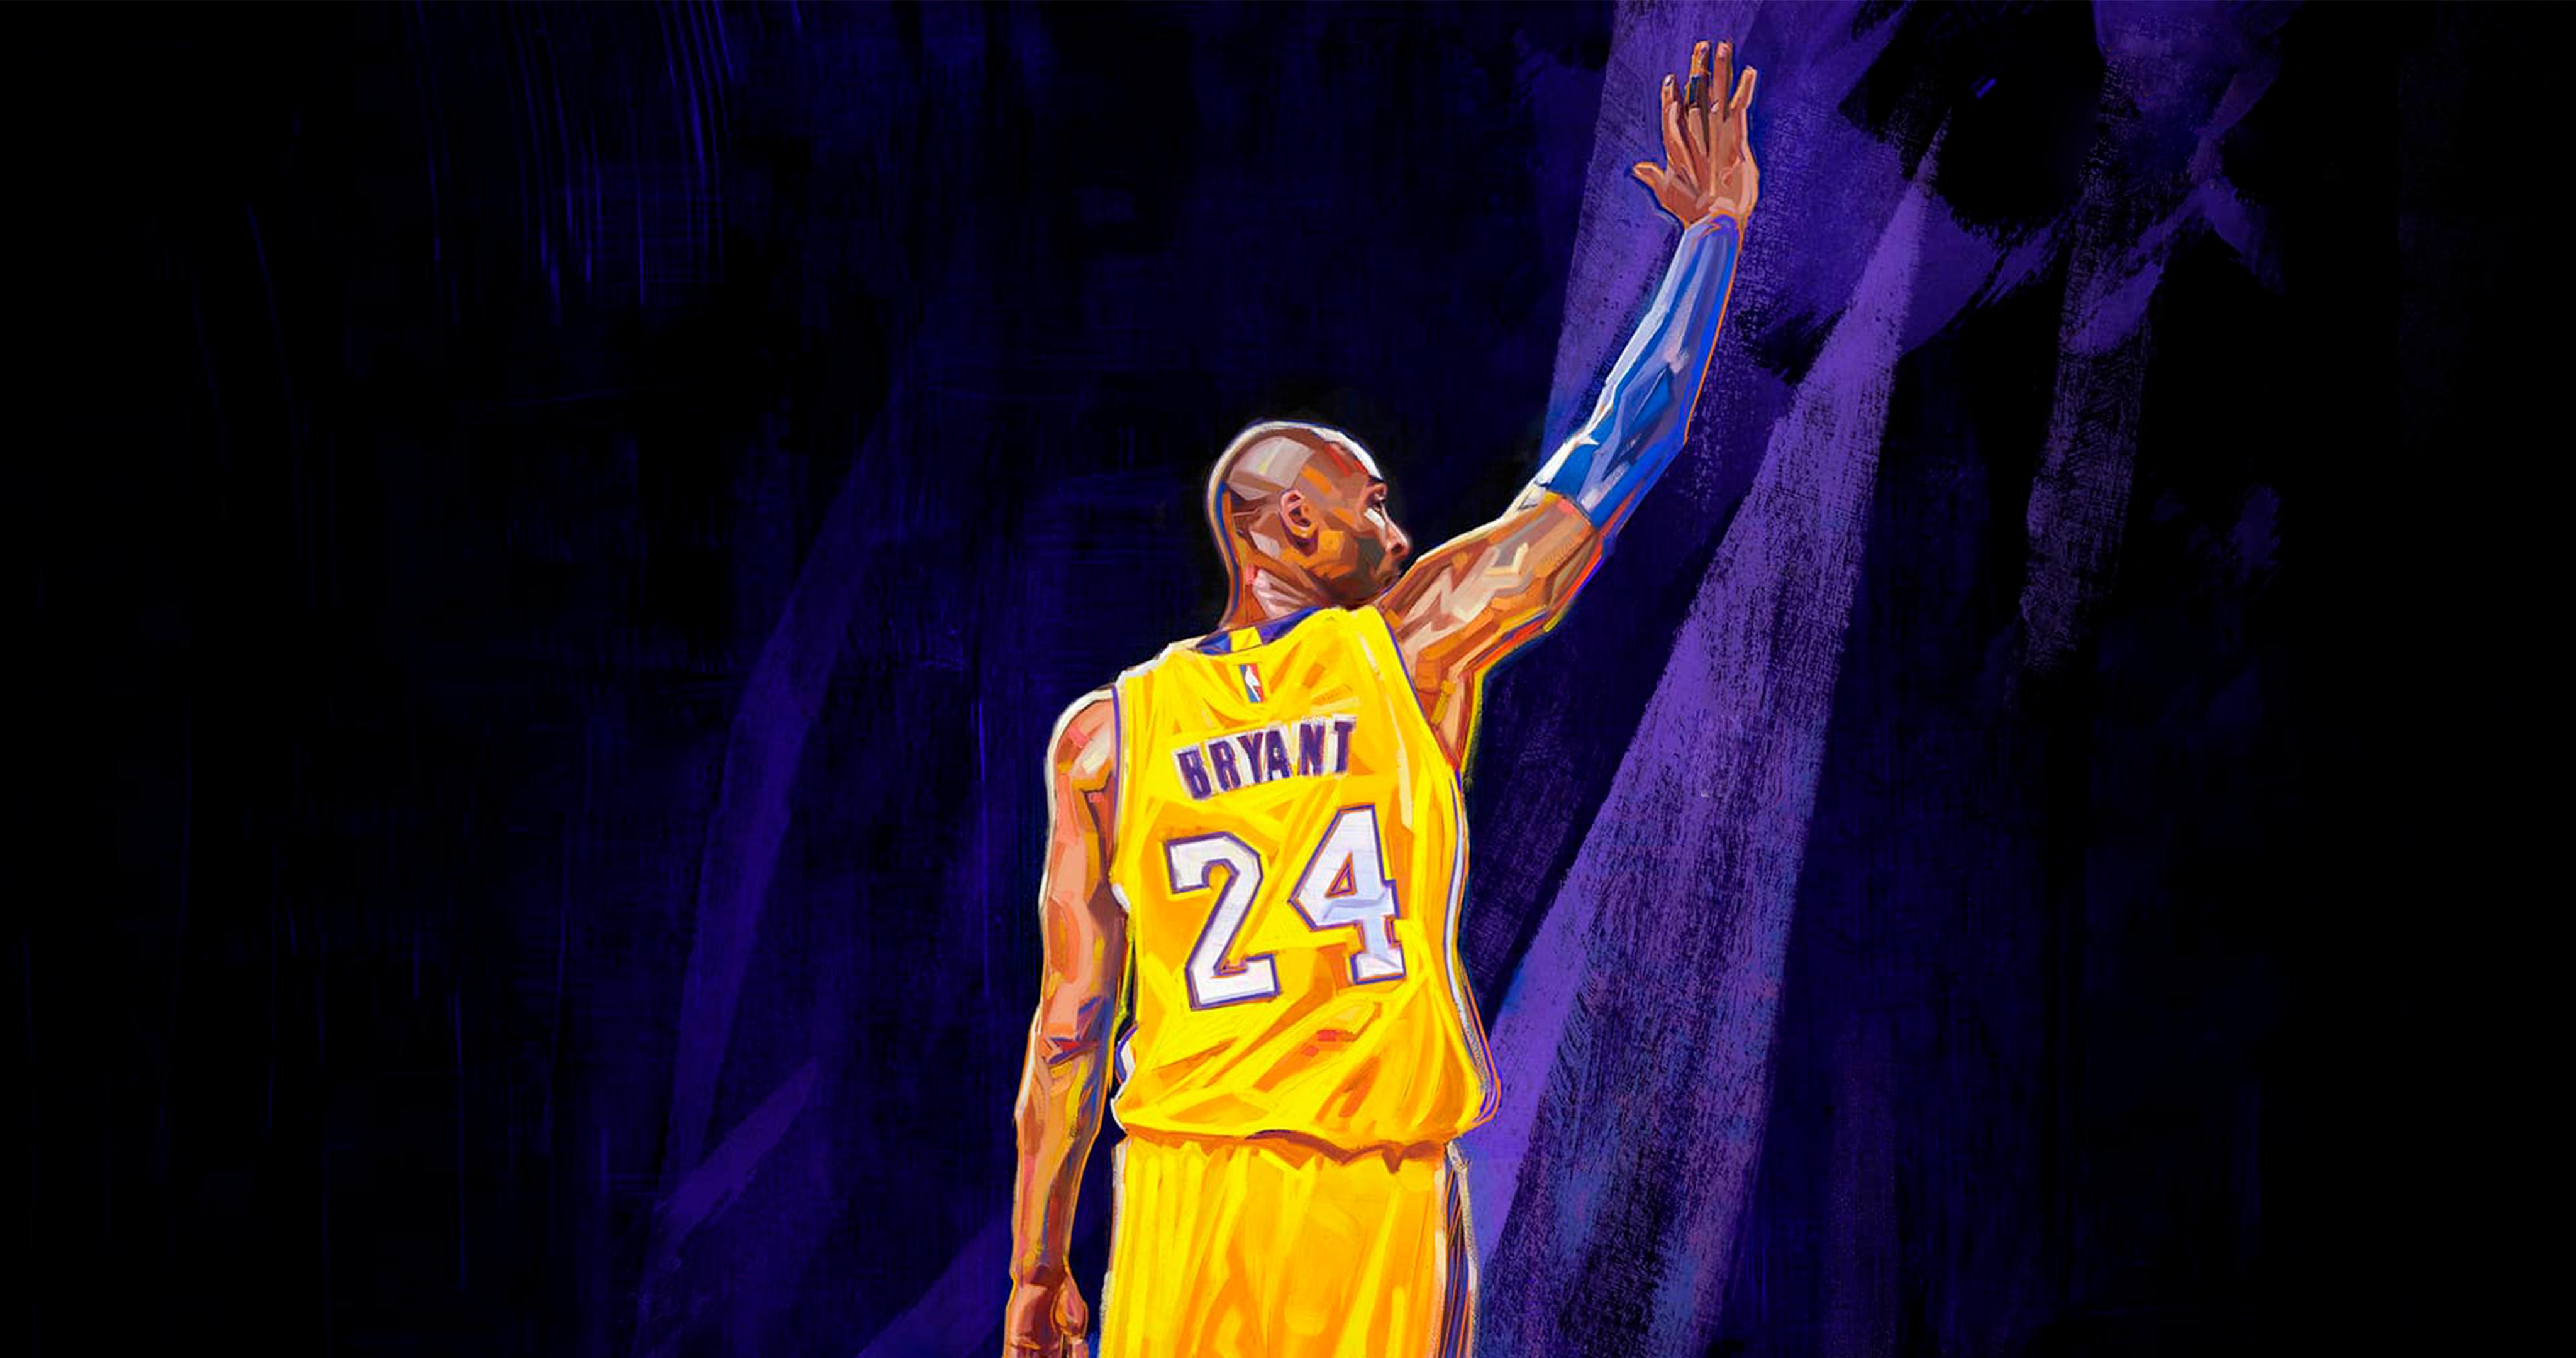 NBA 2K21 Kobe 24 Bryant Wallpaper in 4K NBA2k 4096x2160